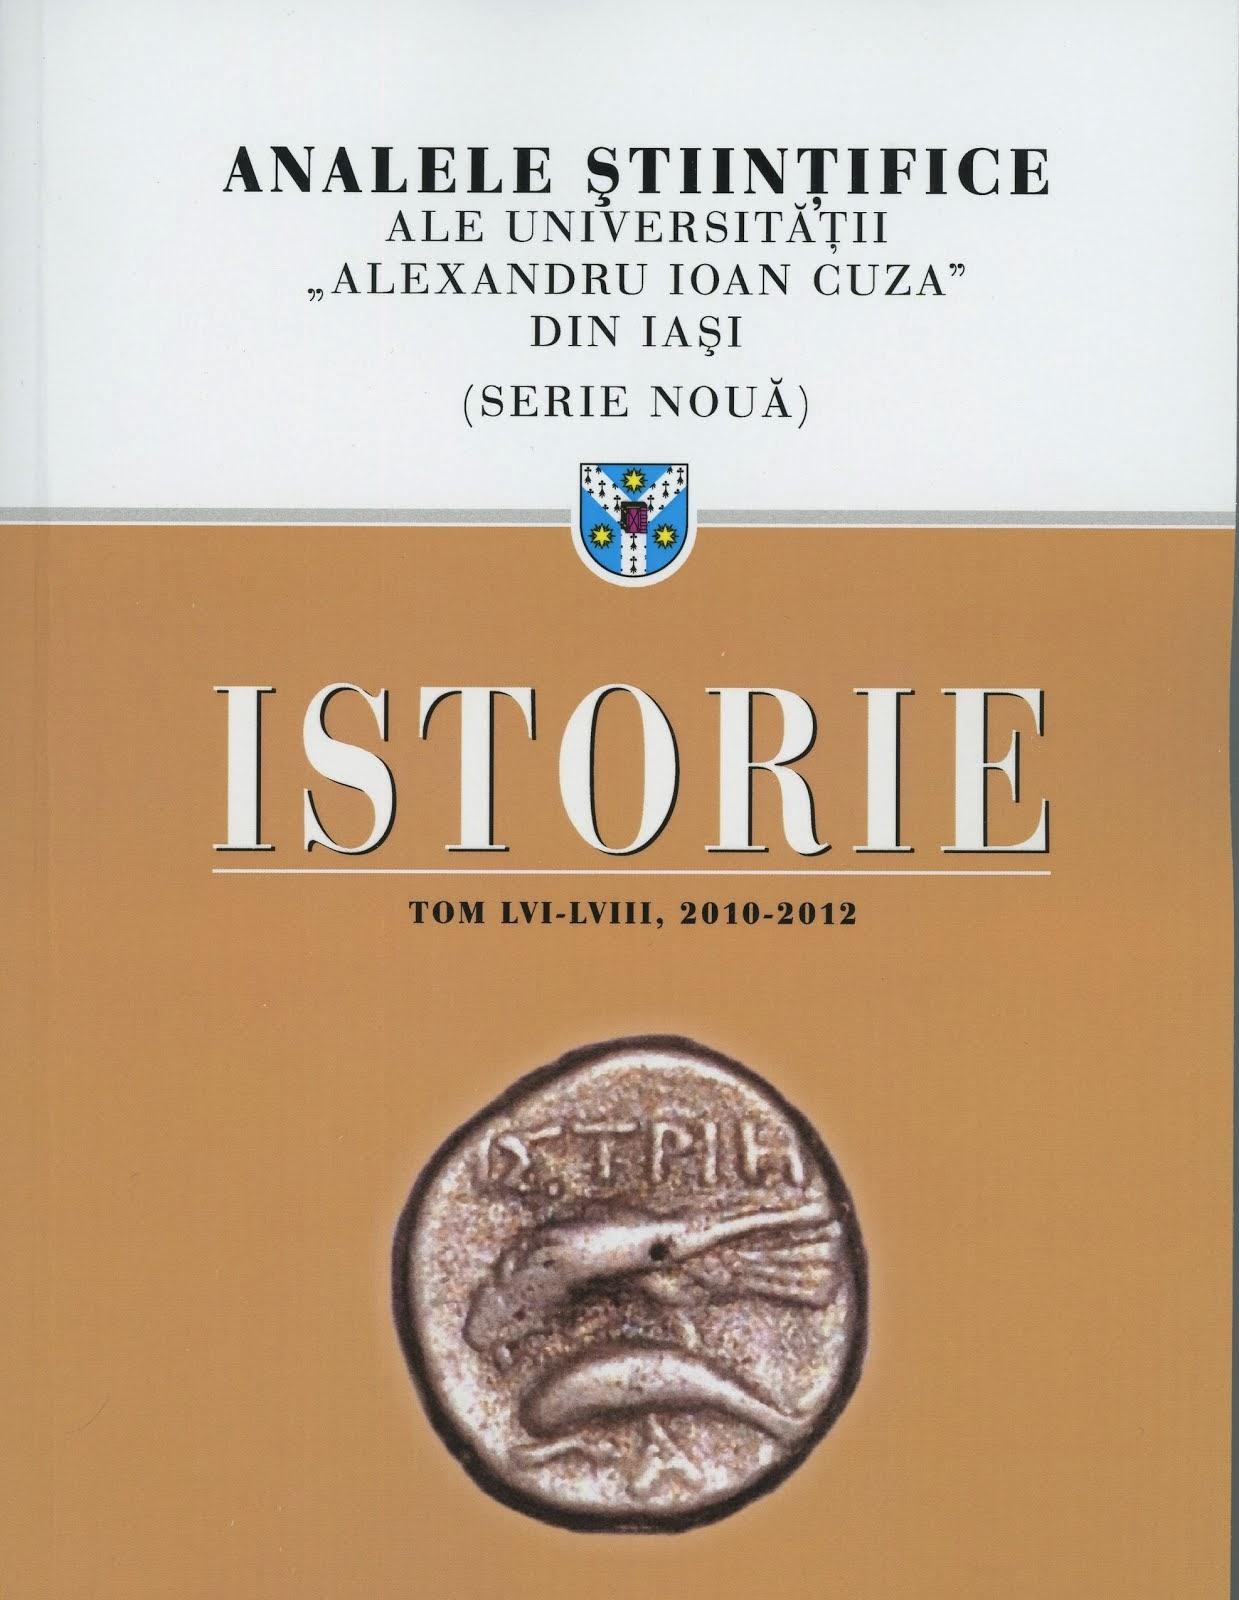 Coperta 1 a revistei Analele Ştiinţifice ale Universităţii Alexandru Ioan Cuza din Iaşi - 2010-2012